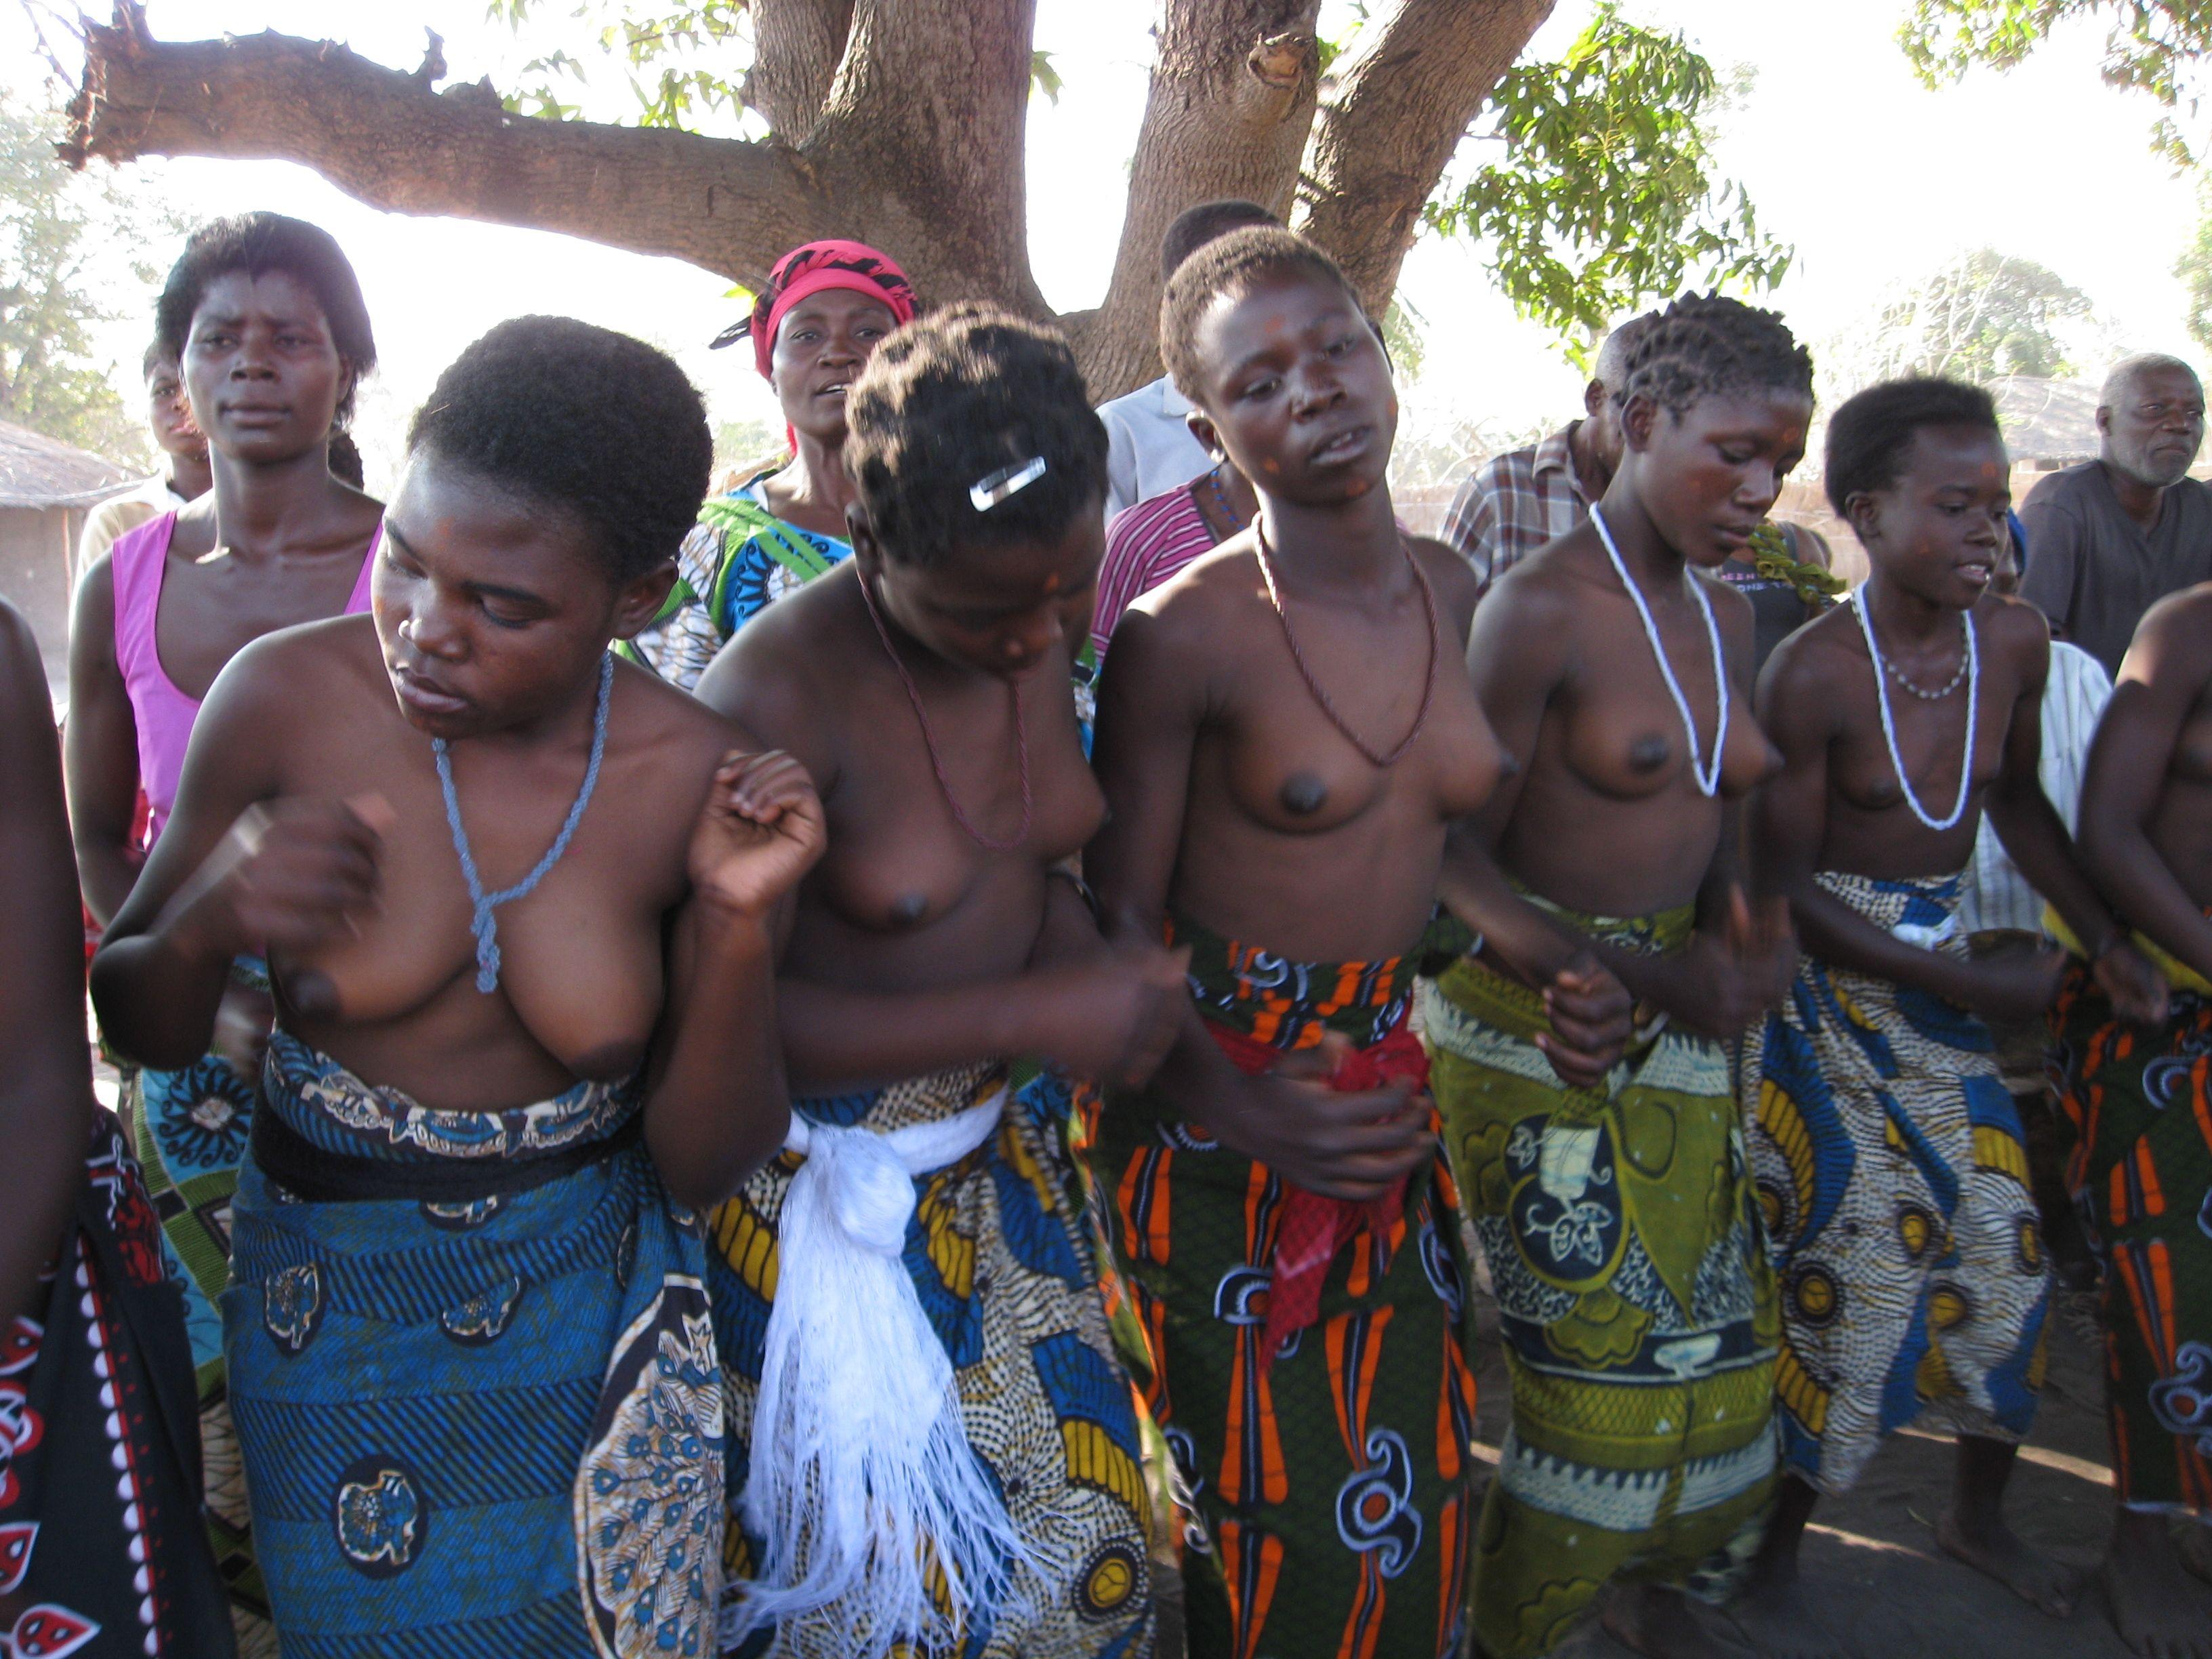 Смотреть секс в племенах африки 26 фотография